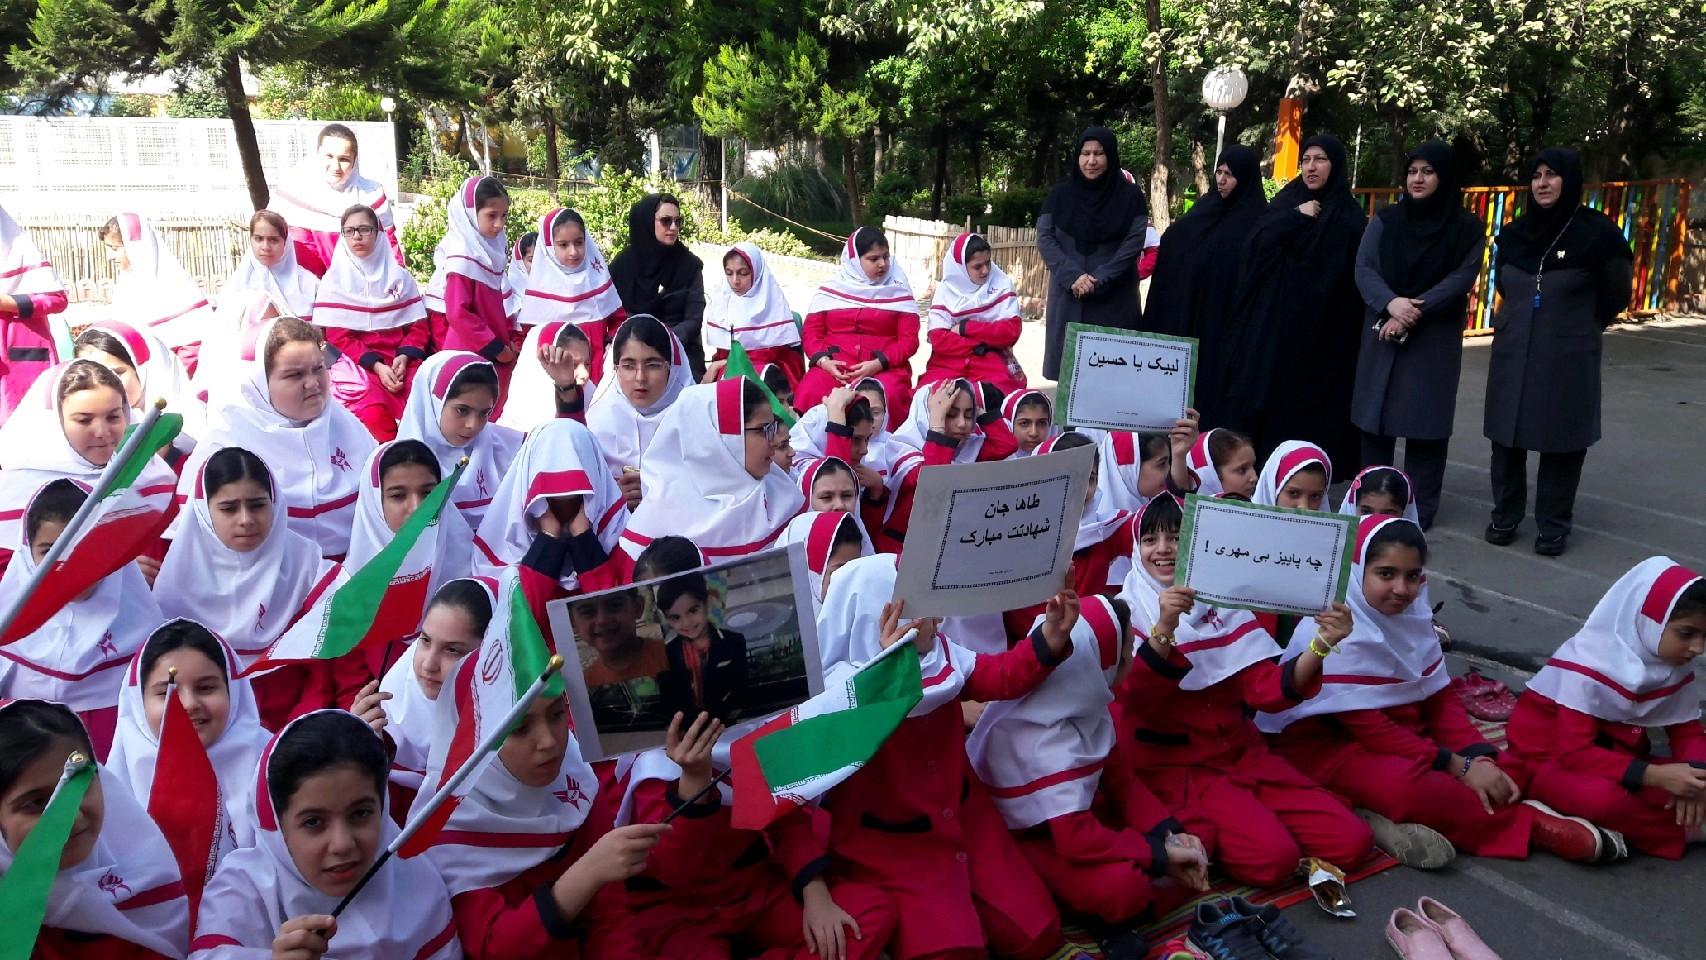 مراسم +بزرگداشت شهادت +محمد طاها اقدامی